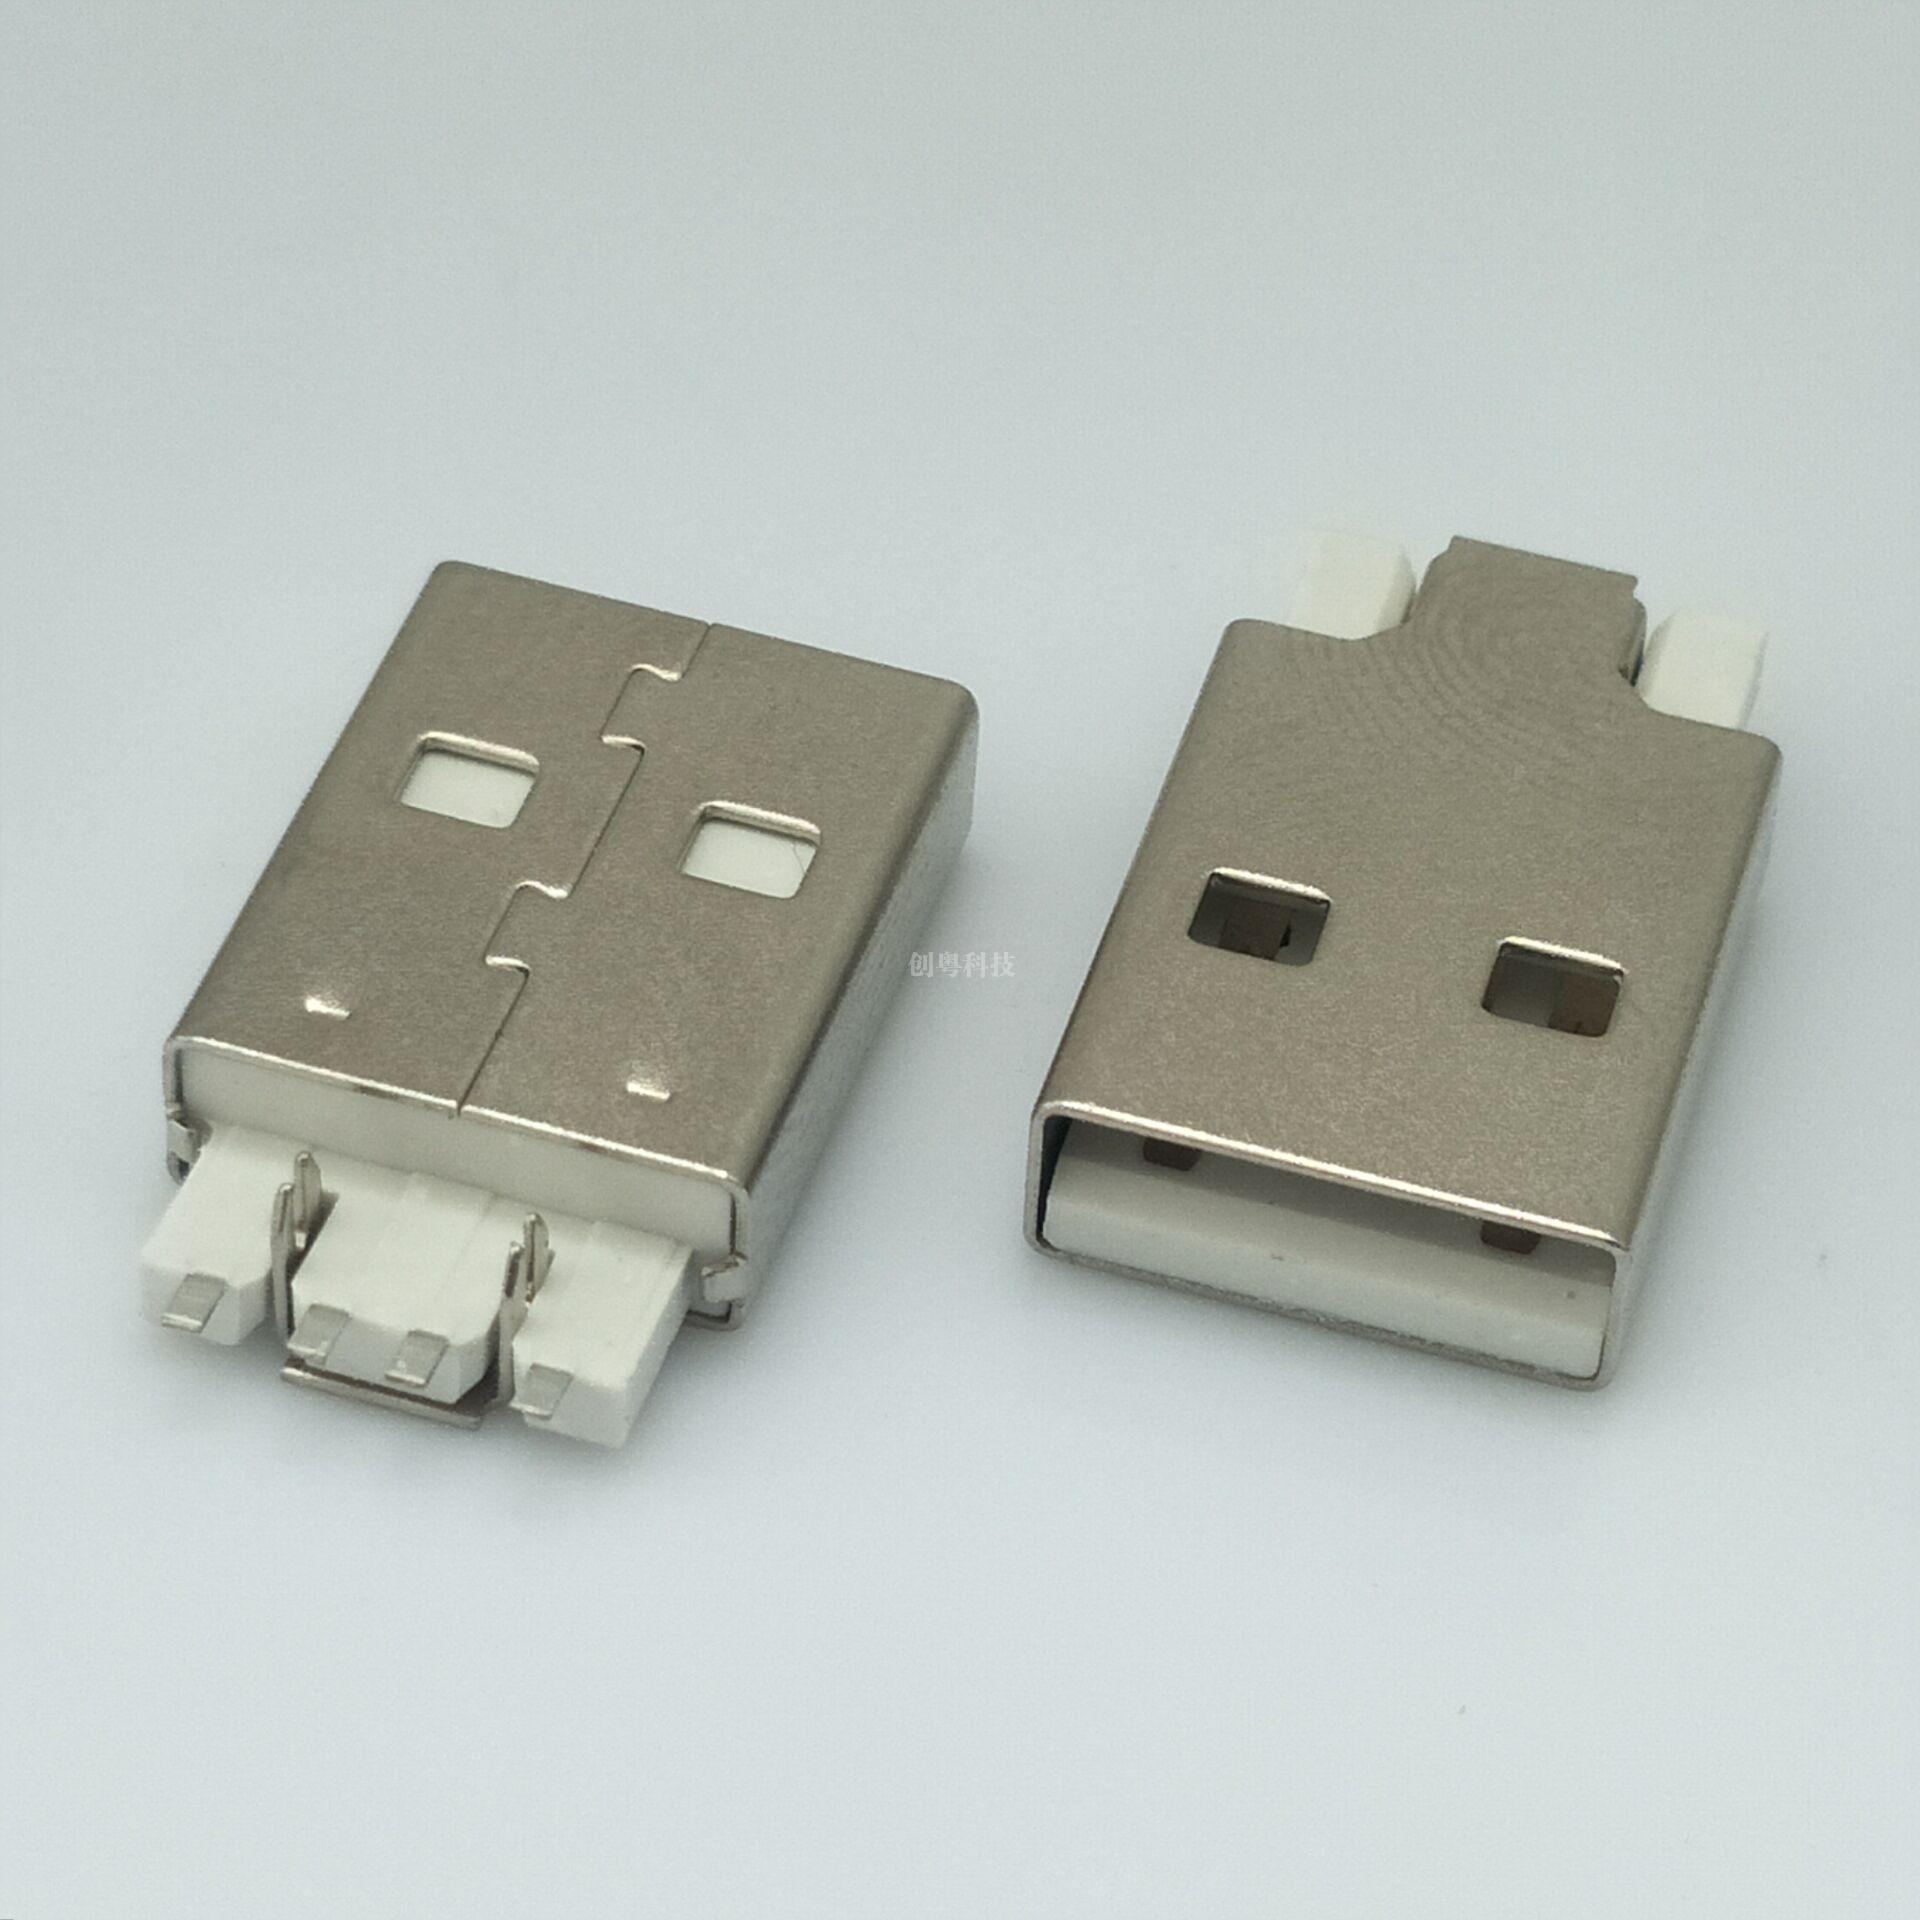 USB A公鱼叉